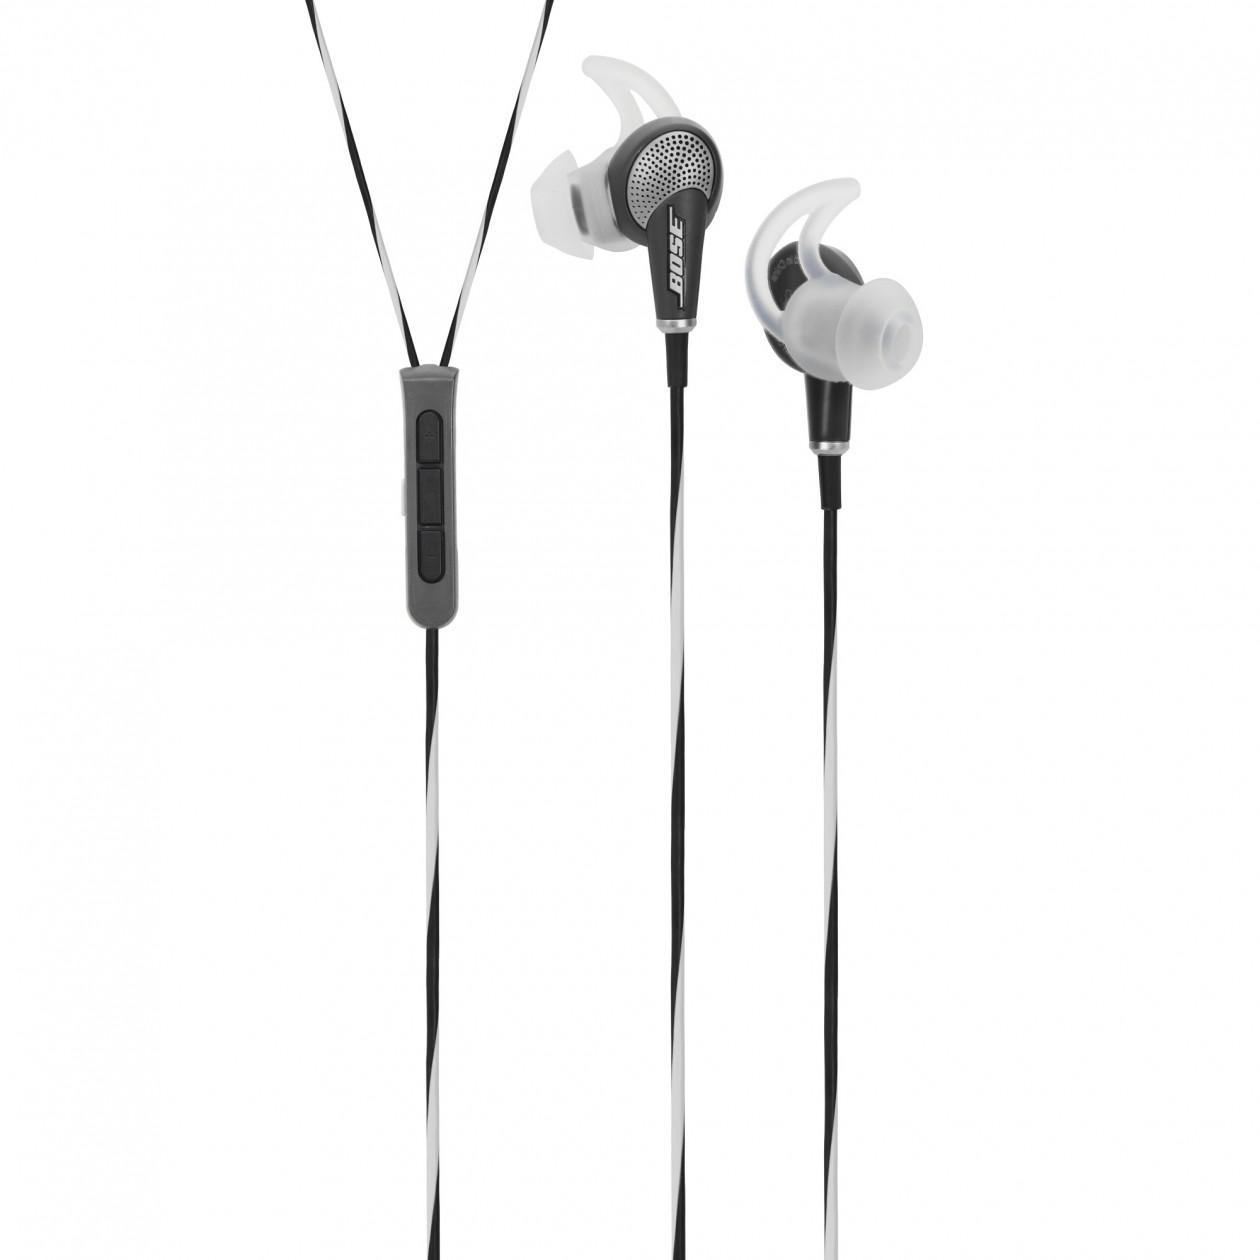 Fones de ouvido da Bose